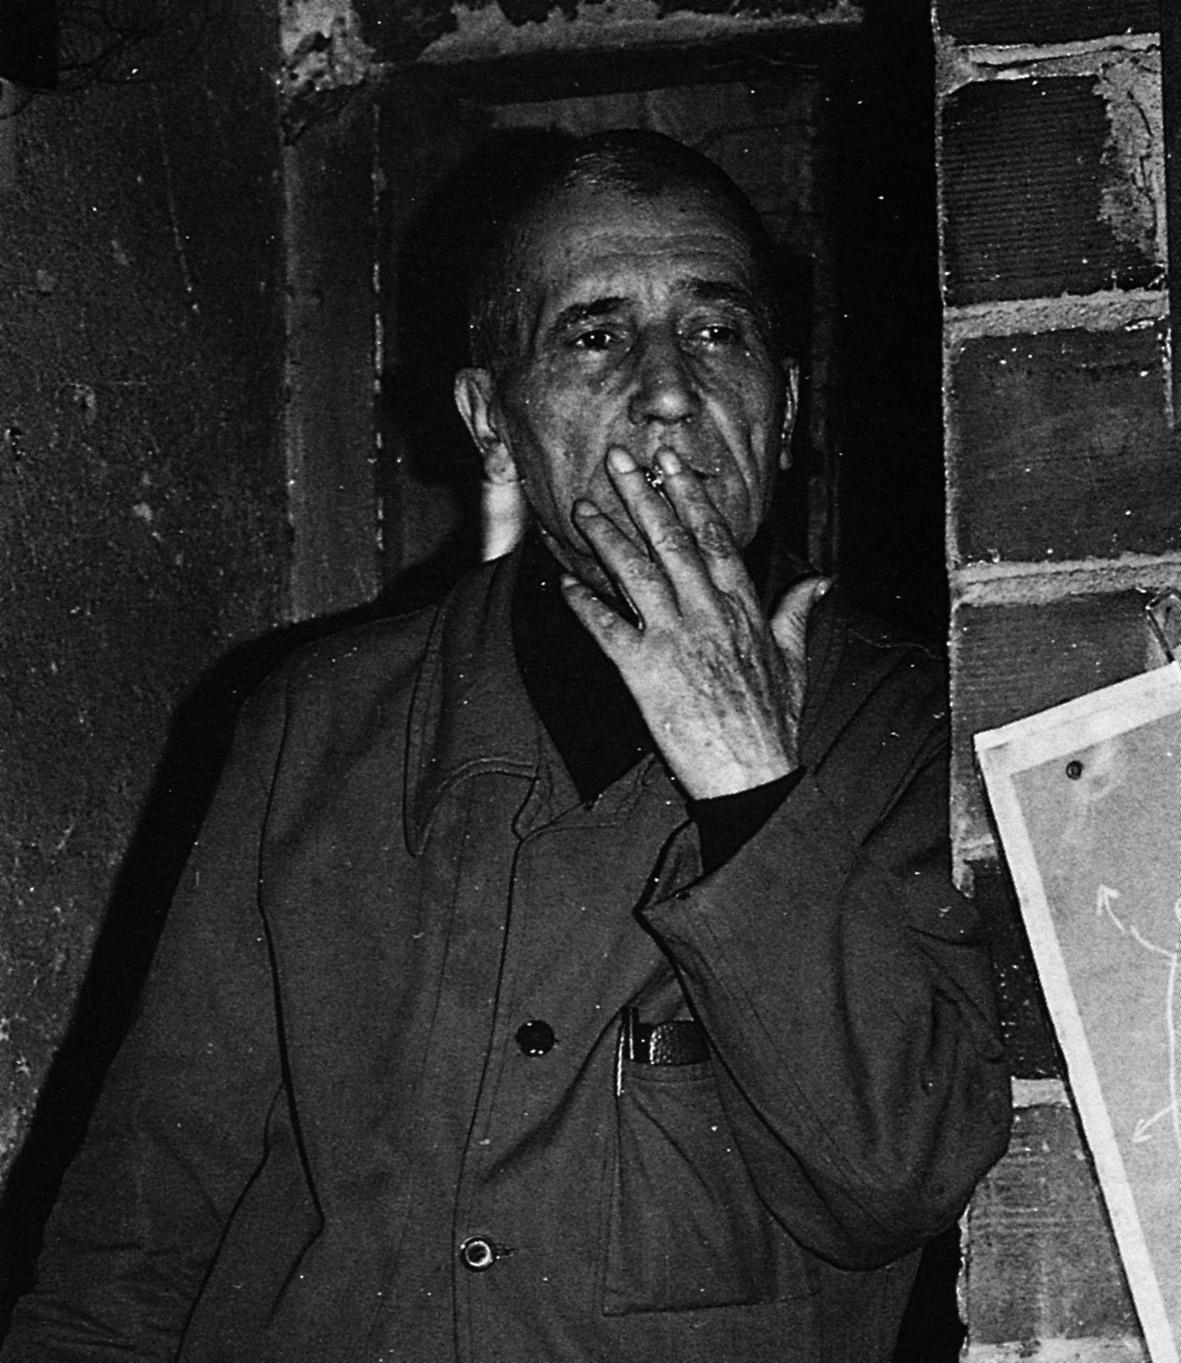 Fernando Melani (part.), foto di Gianfranco Chiavacci. Pistoia, Casa studio di Fernando Melani, archivio fotografico. (1)